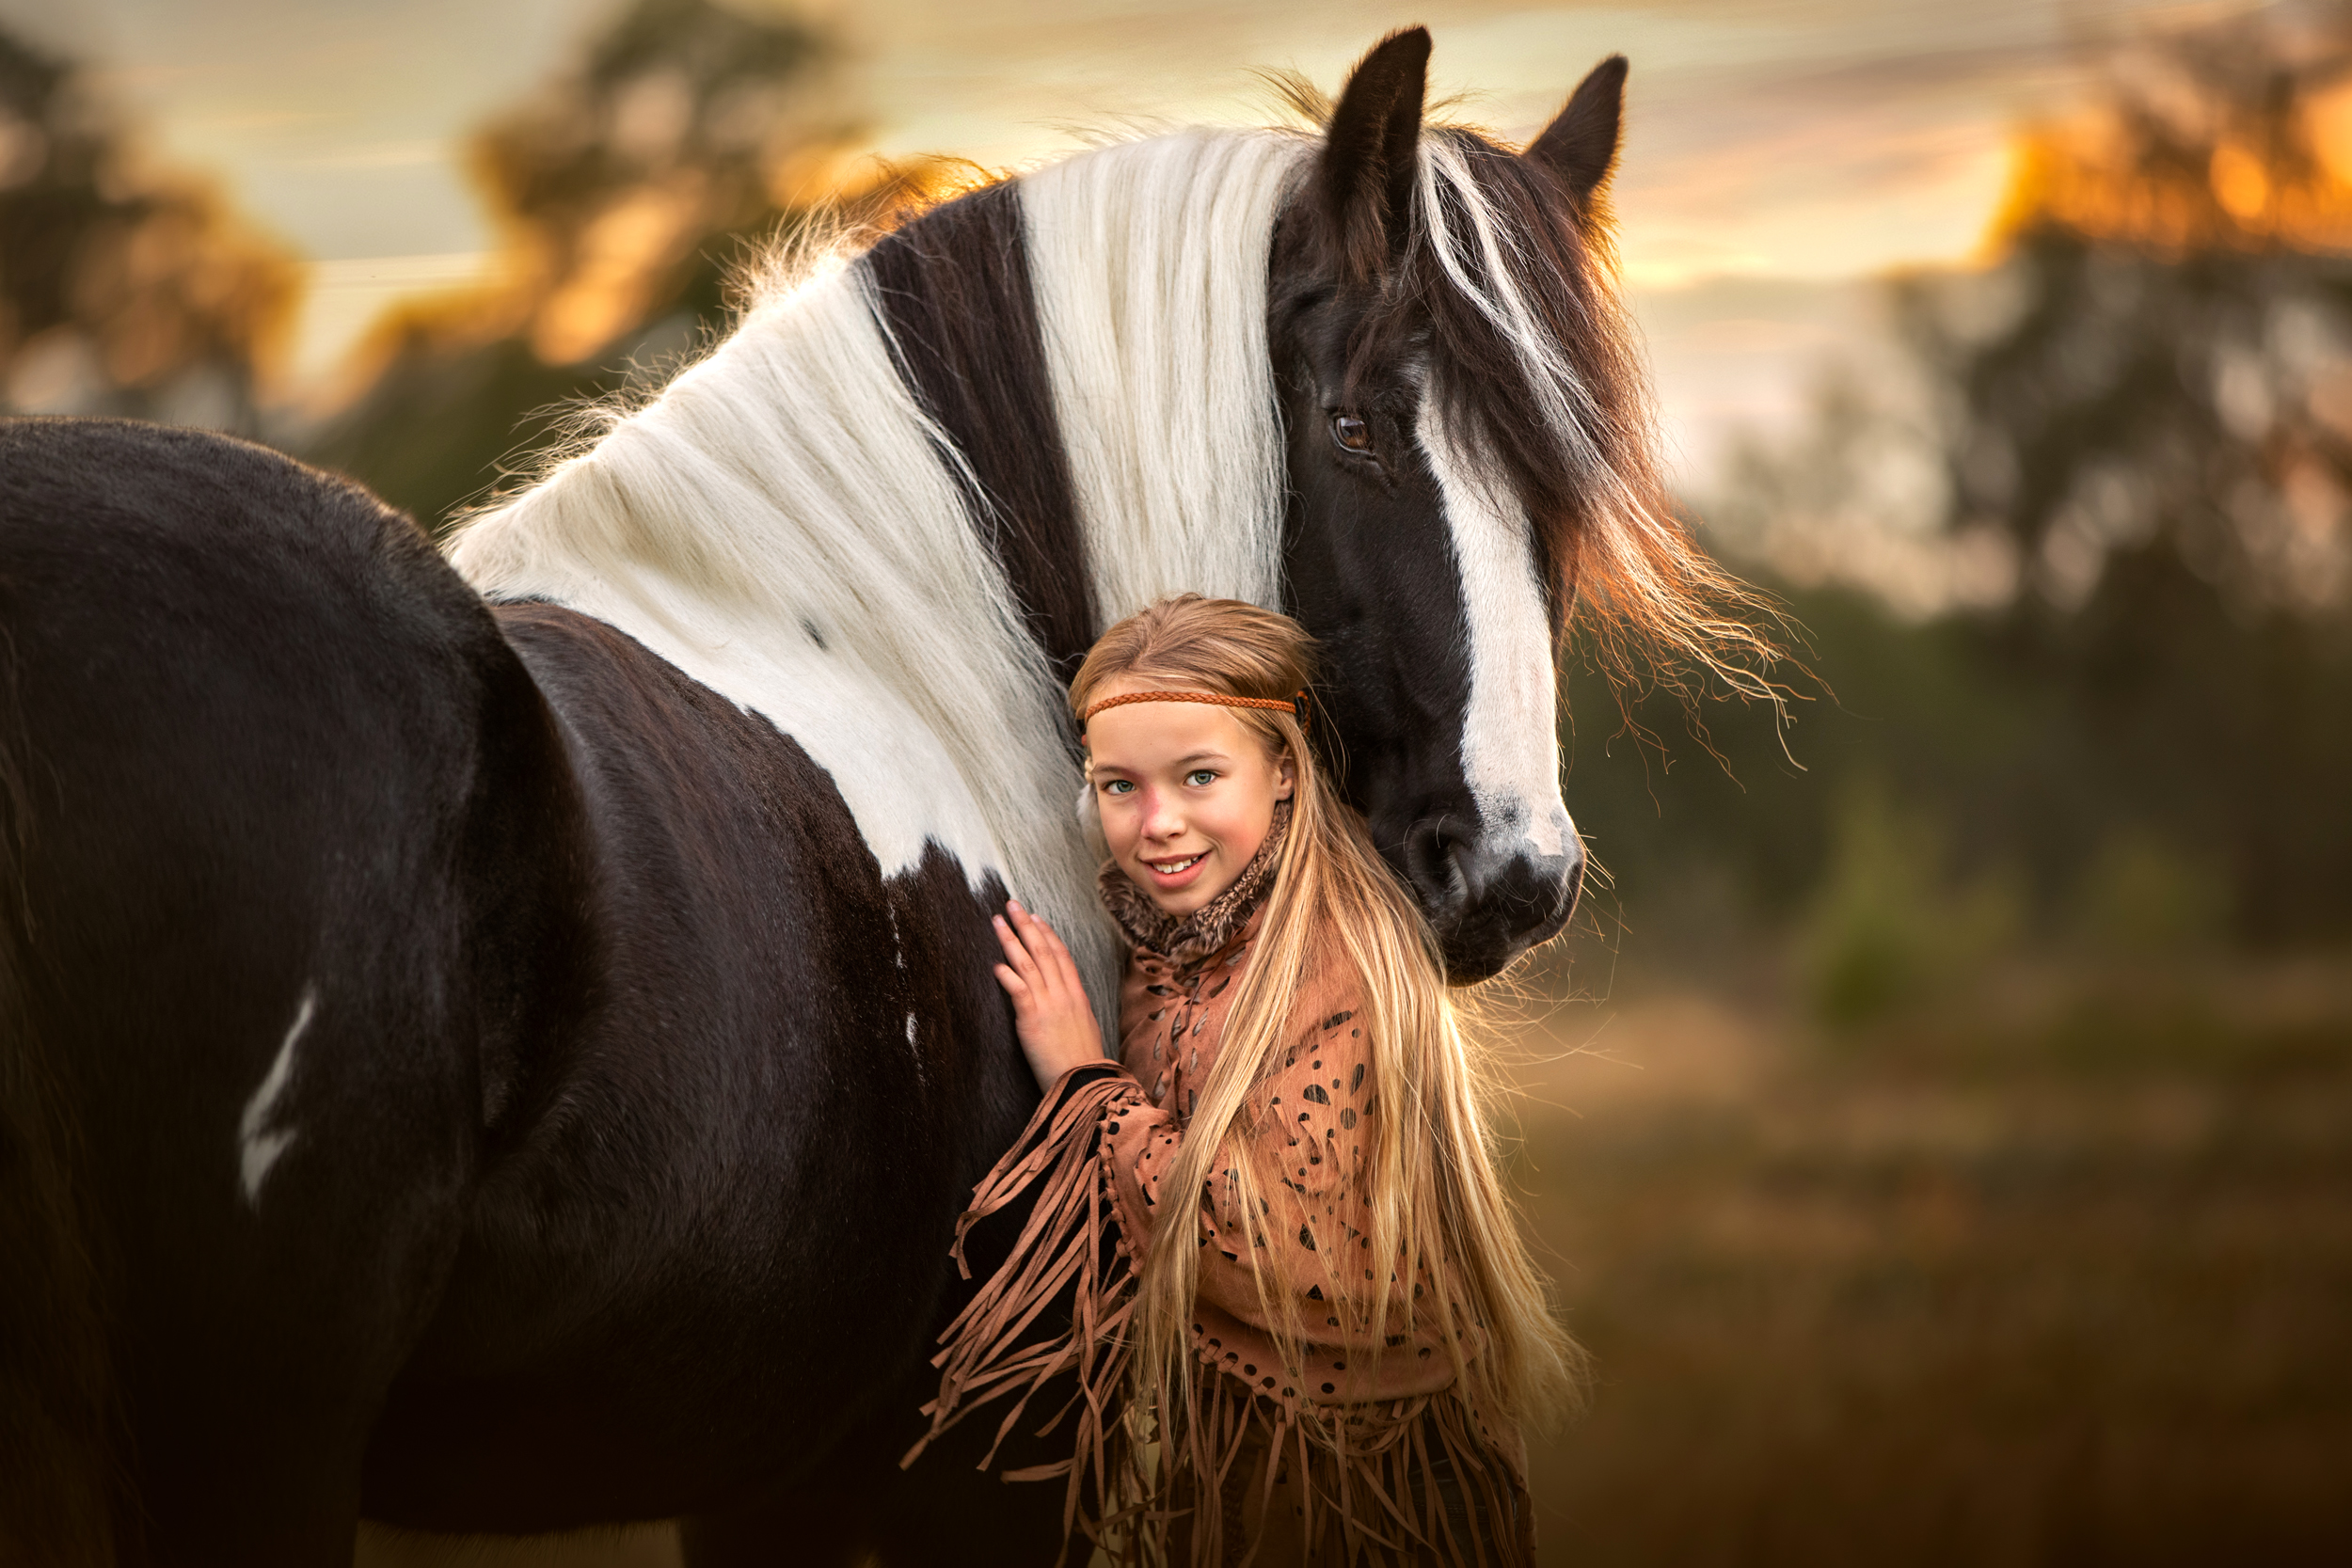 Fotograaf broekhuizenvorst, fotograaf noord limburg, fotograaf venray, fotograaf horst, fotograaf venlo, workshop fotografie, cursus fotografie, paardenfotografie, kinderfotografie, diana thijssen fotografie